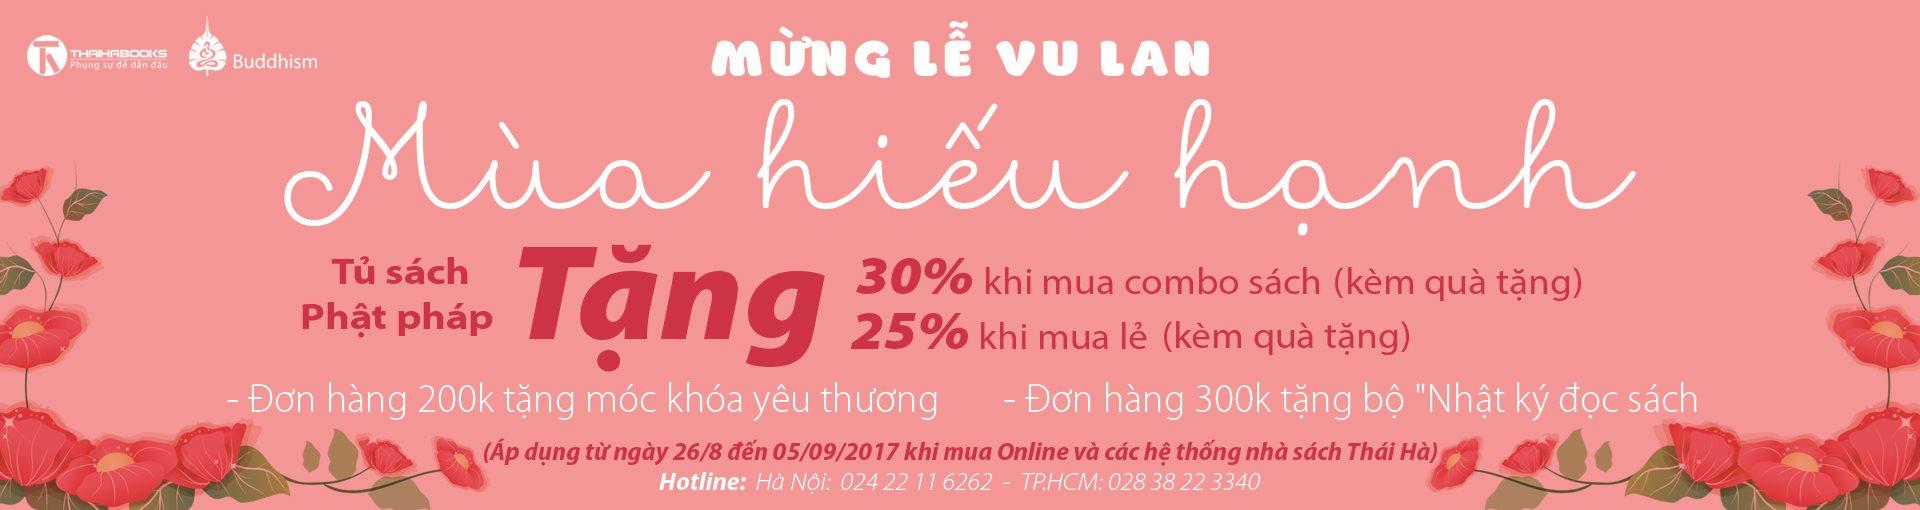 Mừng lễ Vu lan – Mùa hiếu hạnh: ThaiHaBooks tặng 25-30% tủ sách Phật pháp